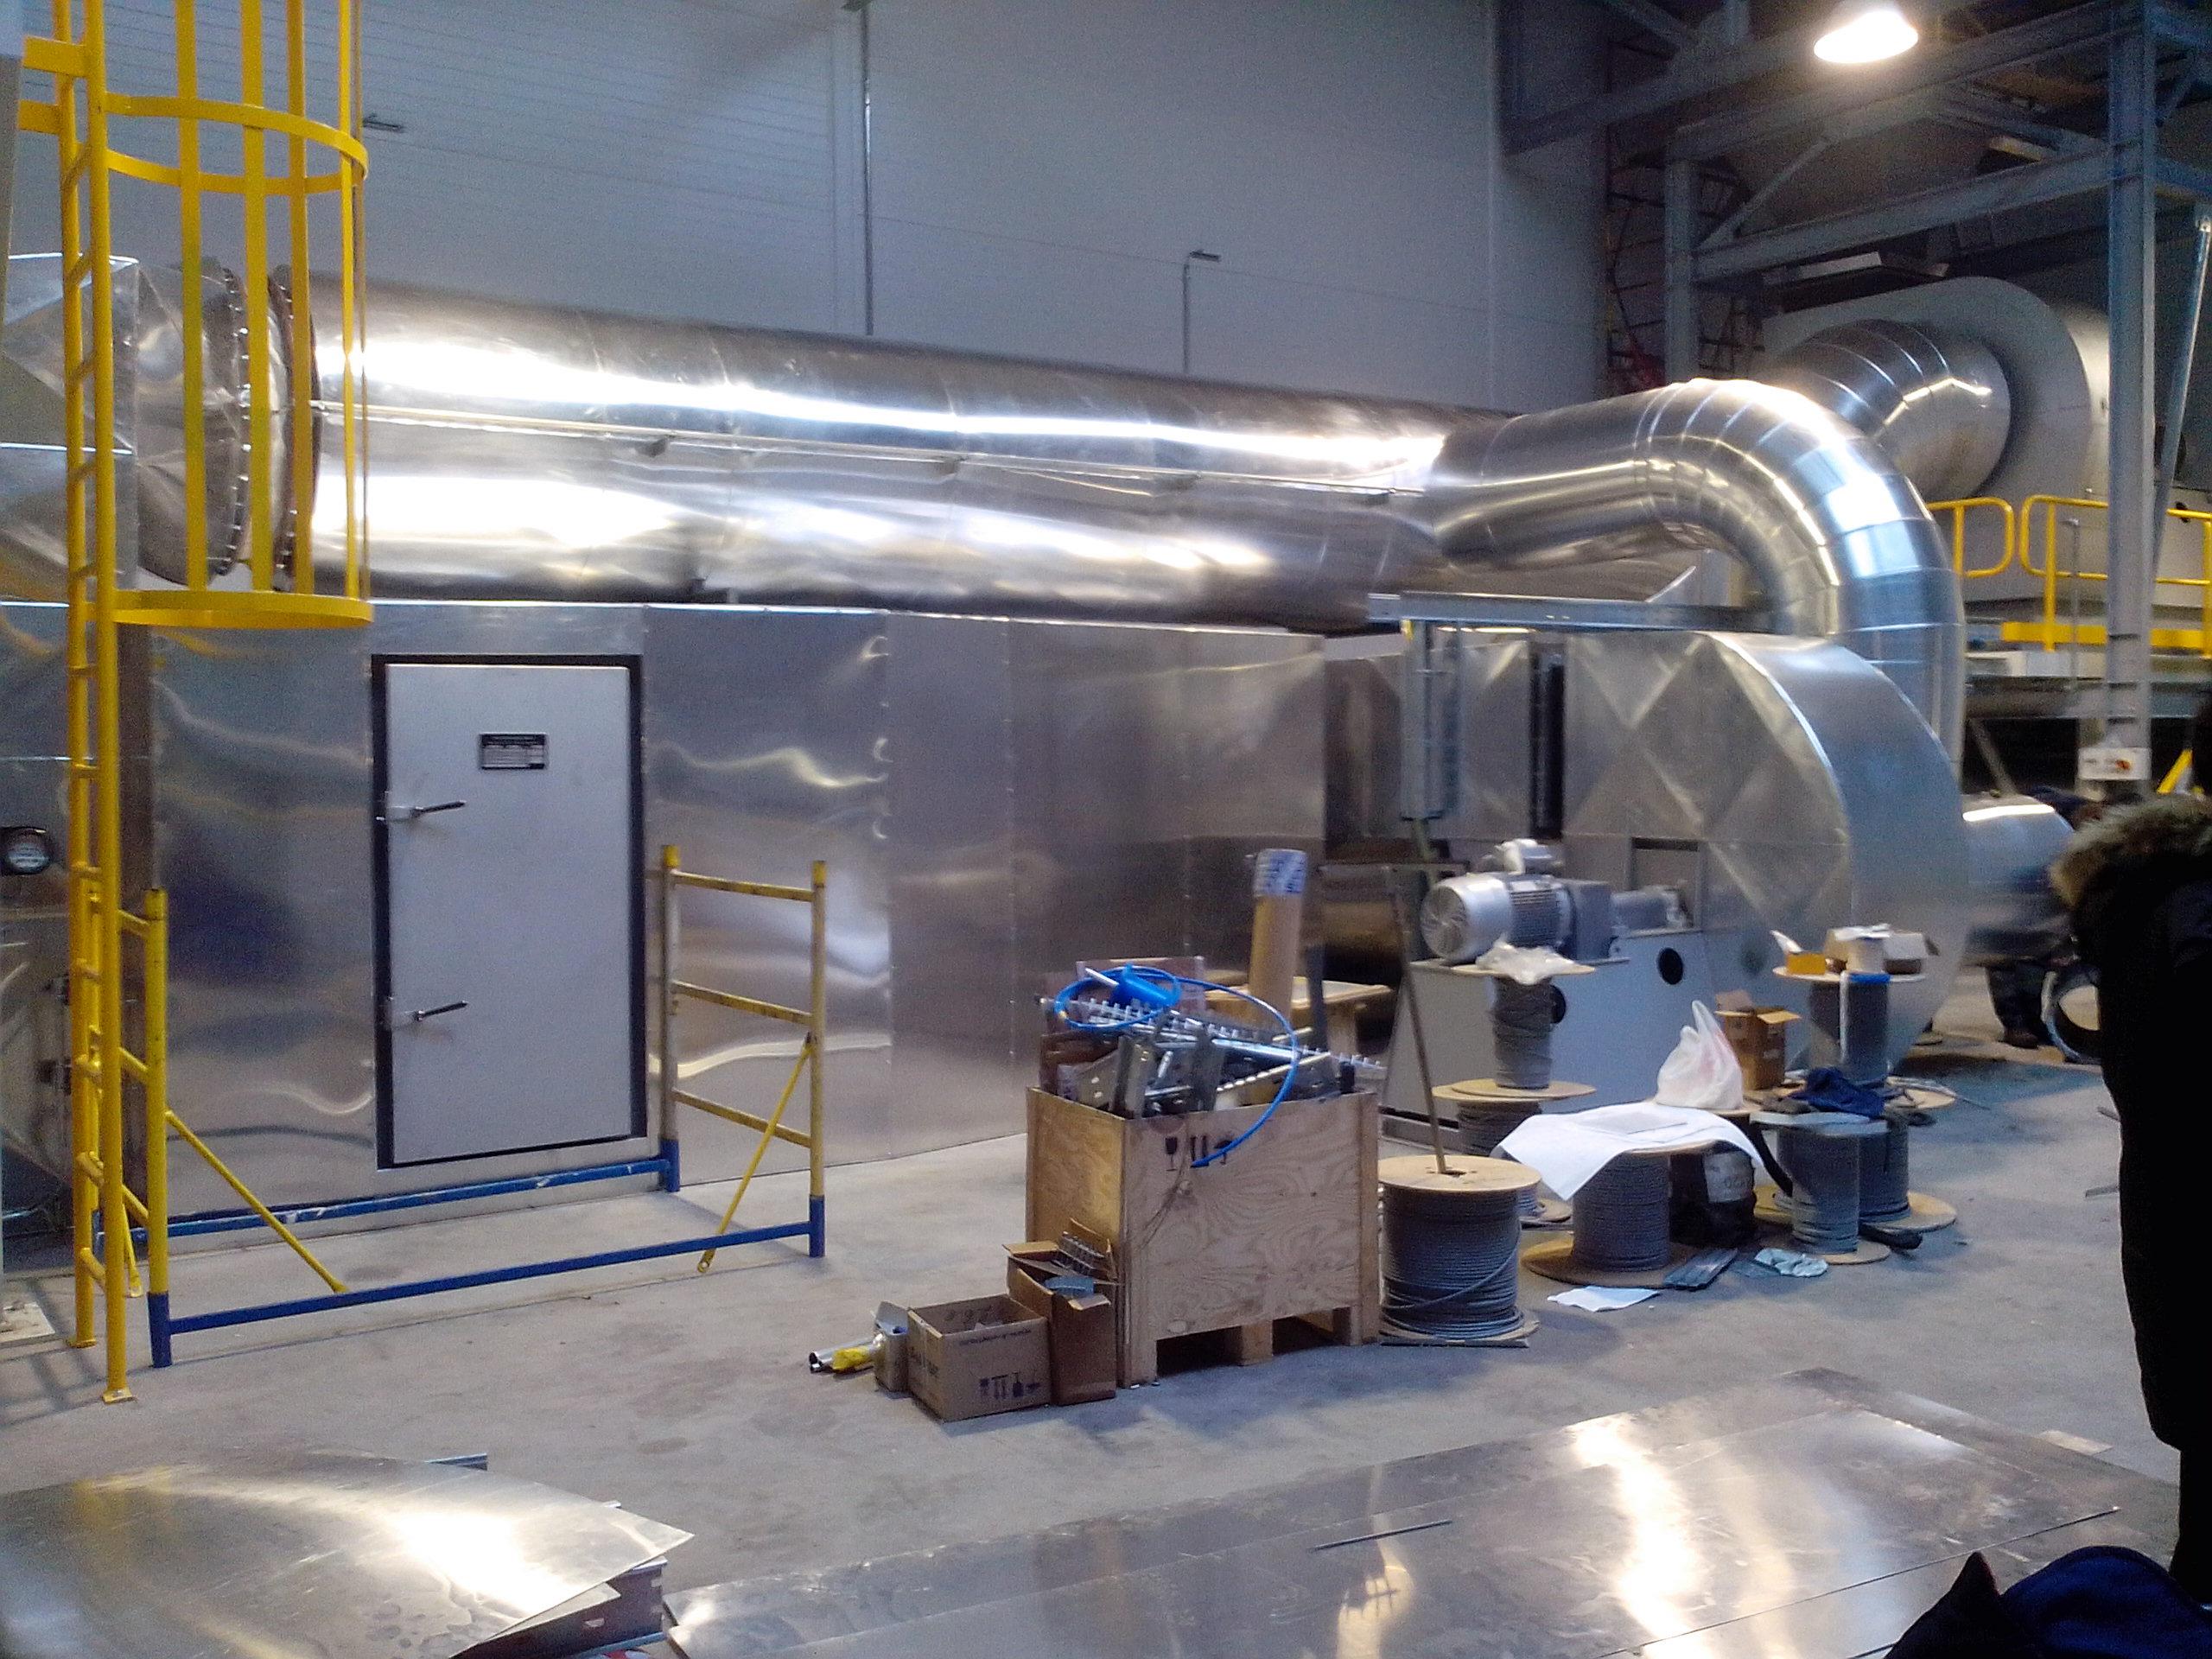 Теплоизоляция промышленная трубопроводов и обрудования заводов и фабрик и предприятий